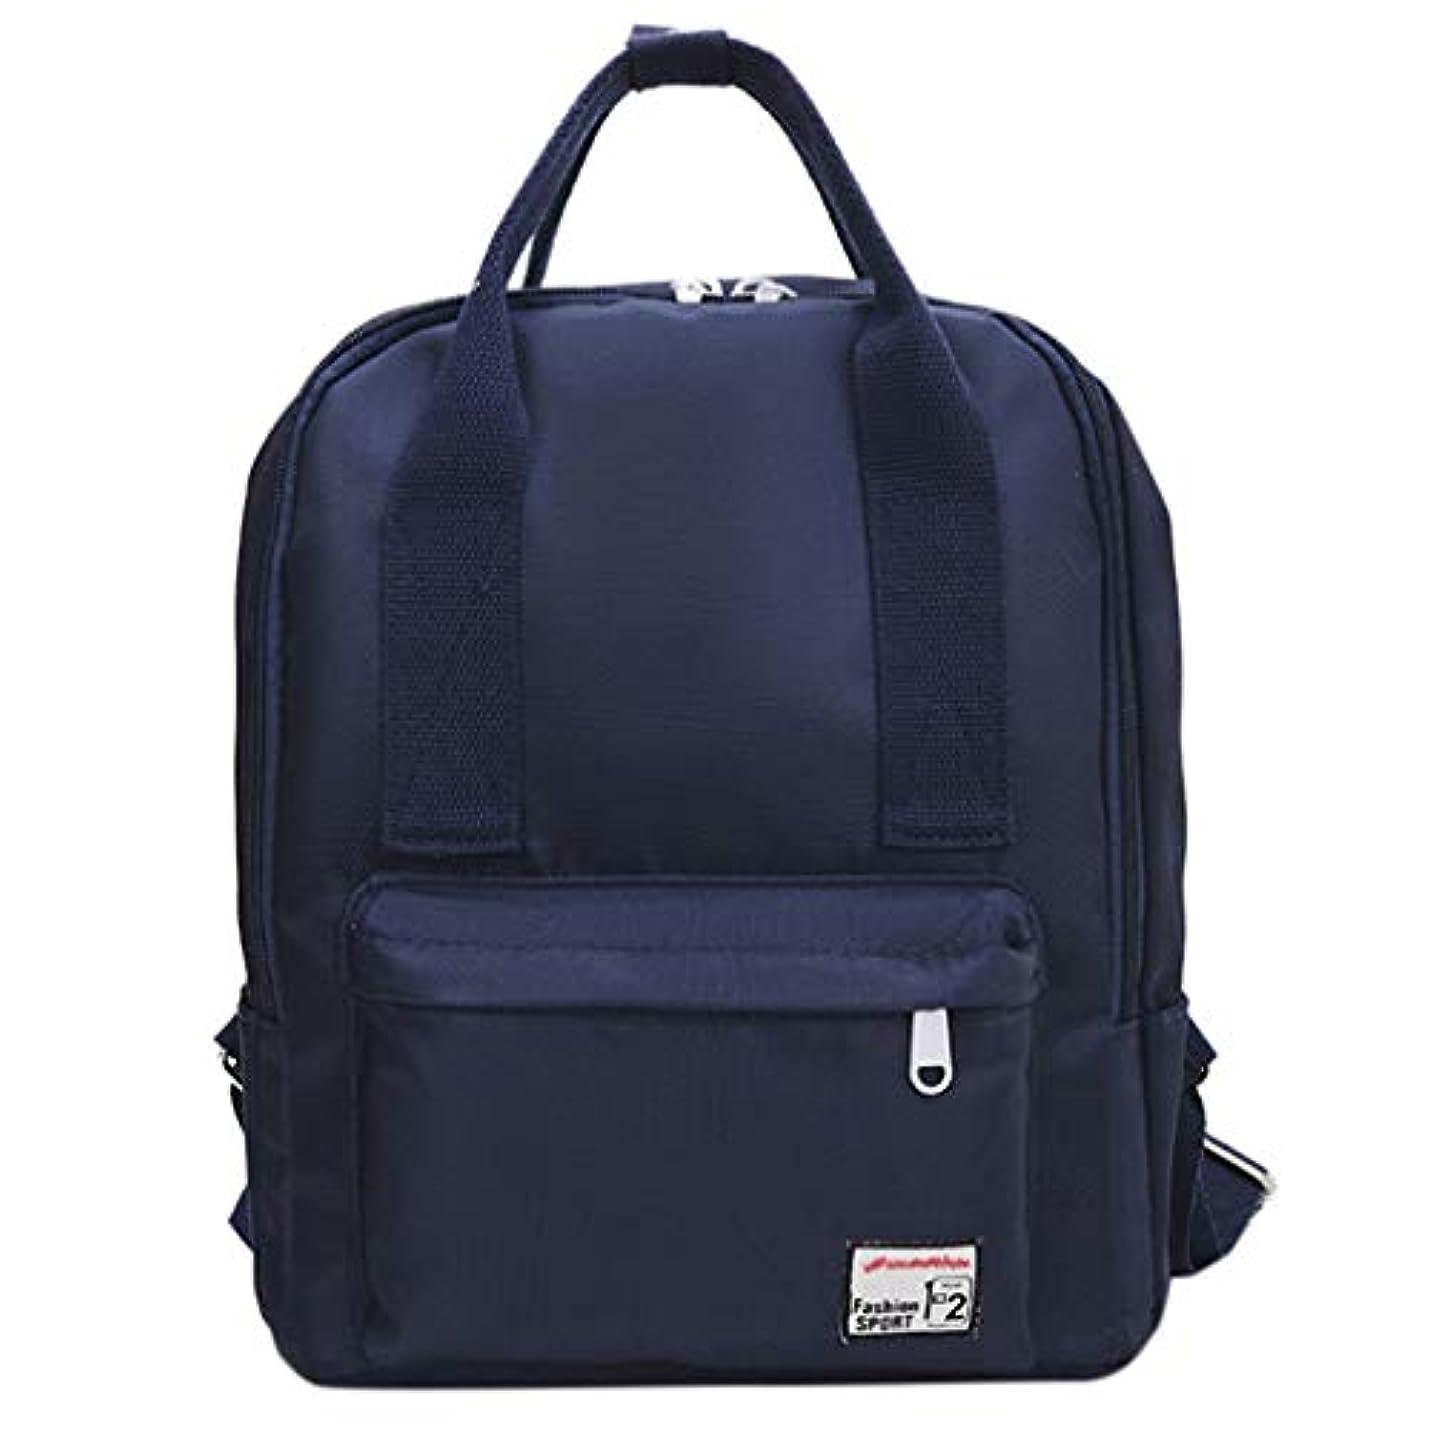 半円シールド直接女の子屋外かわいいシンプルなナイロンバックパック、学生襟カラーアートバッグ屋外軽量旅行ポータブル耐久性のあるバックパック